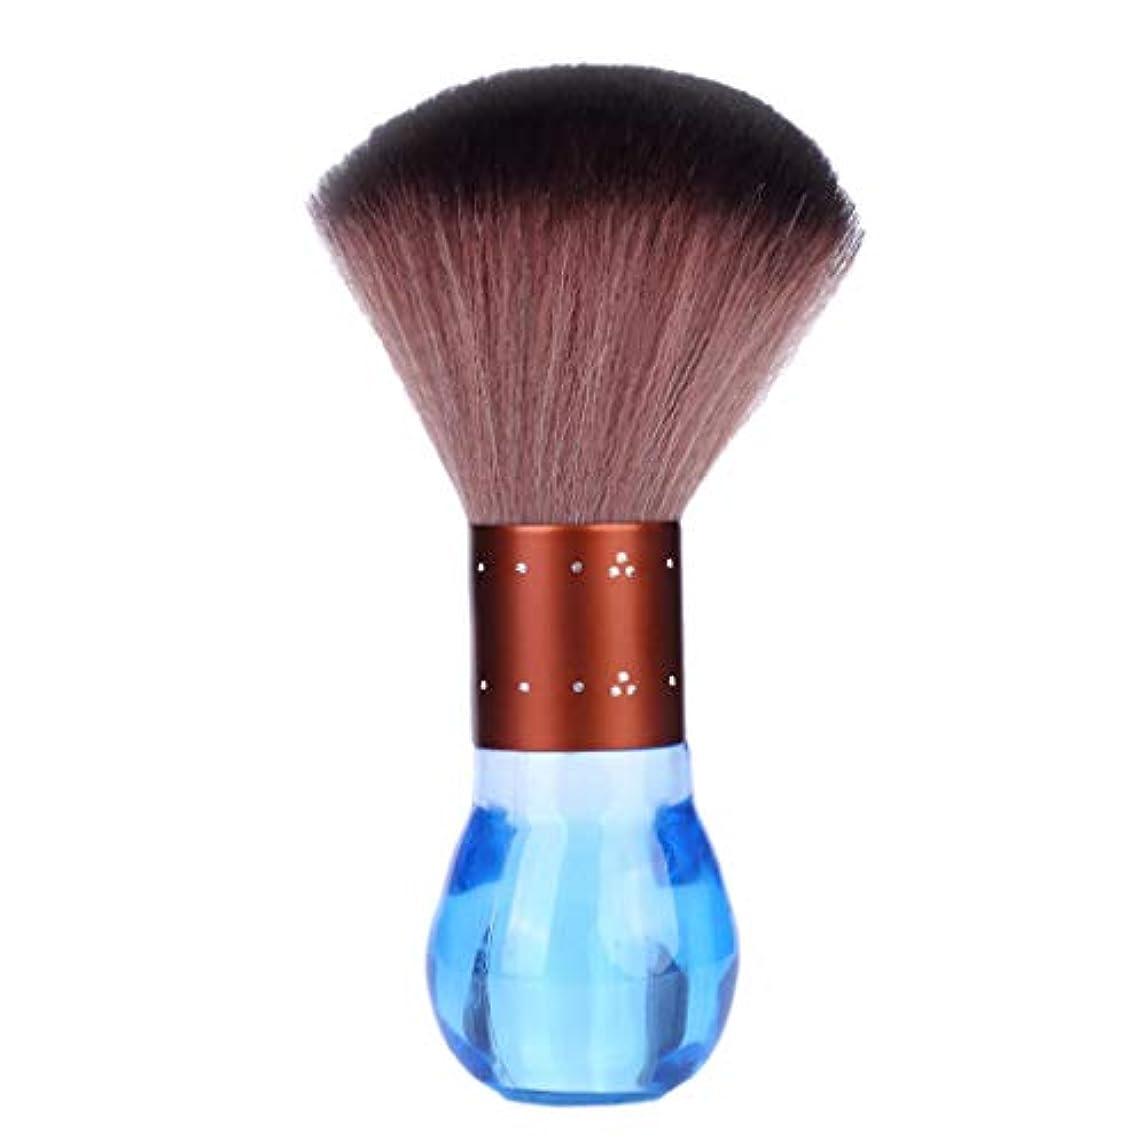 バックアップ男らしさ可動プロサロン散髪美容ソフトブラシ首ダスト除去クリーニングブラシ